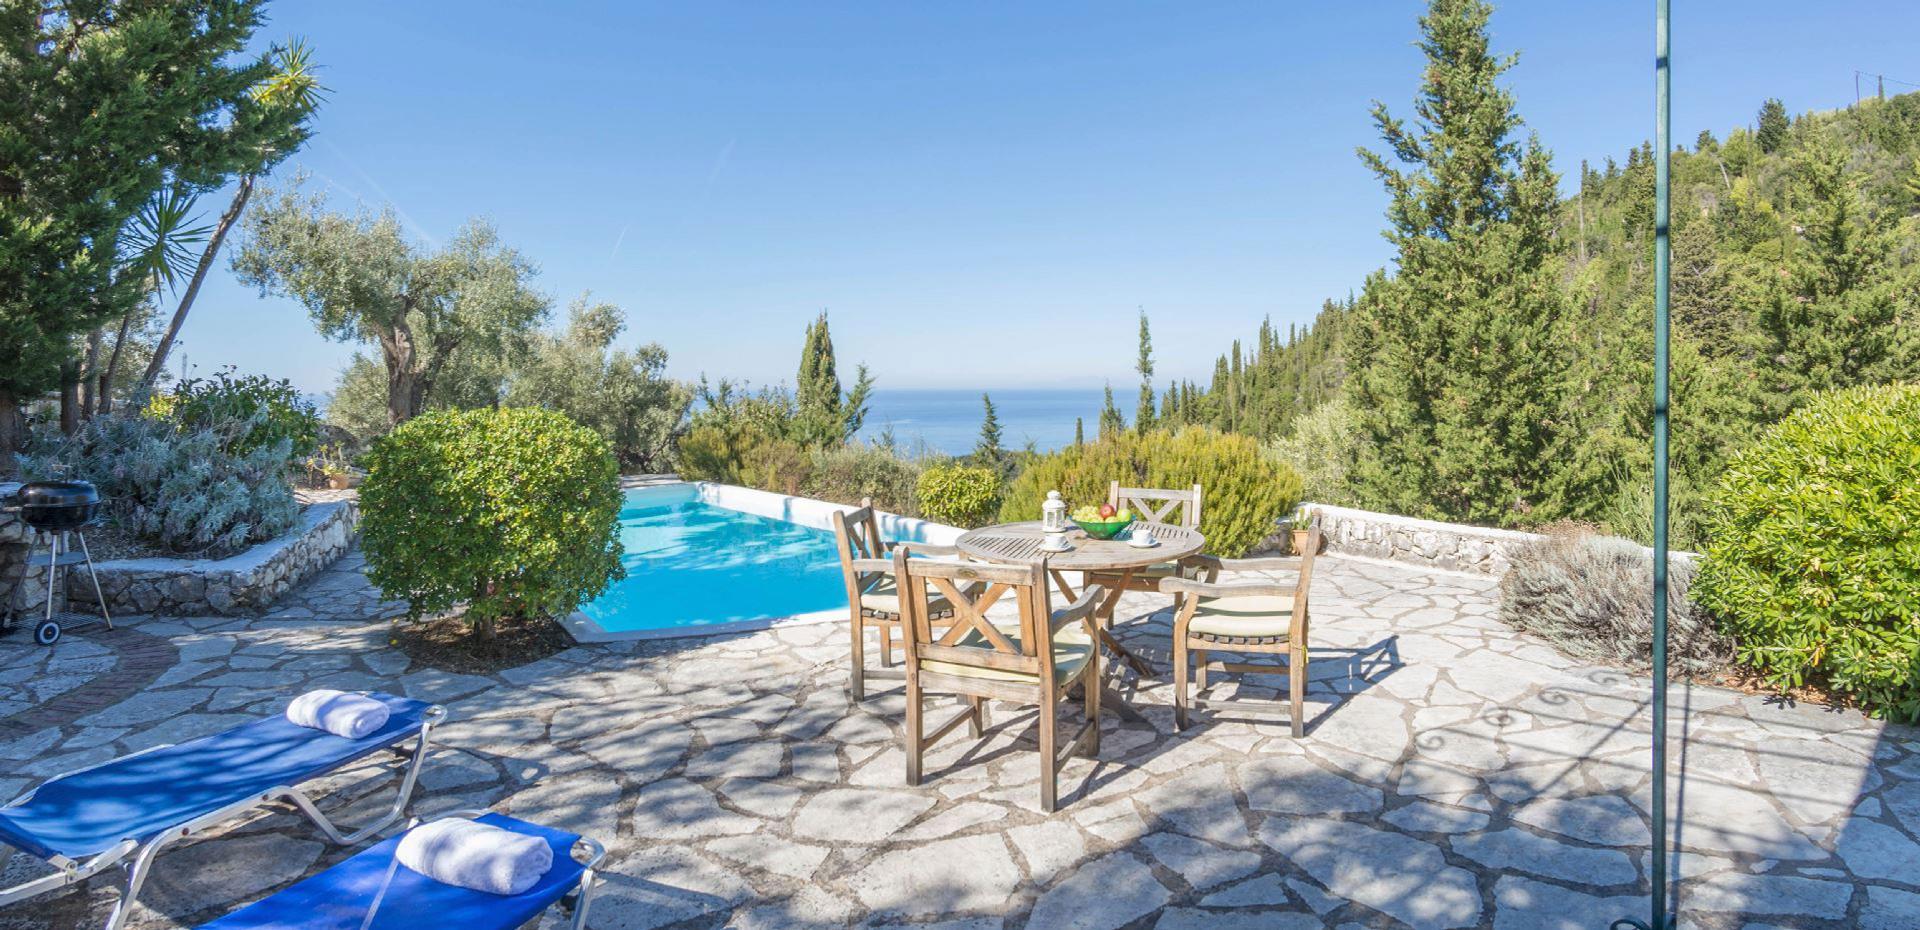 Ferienhaus mit Privatpool für 4 Personen  + 2  in Griechenland